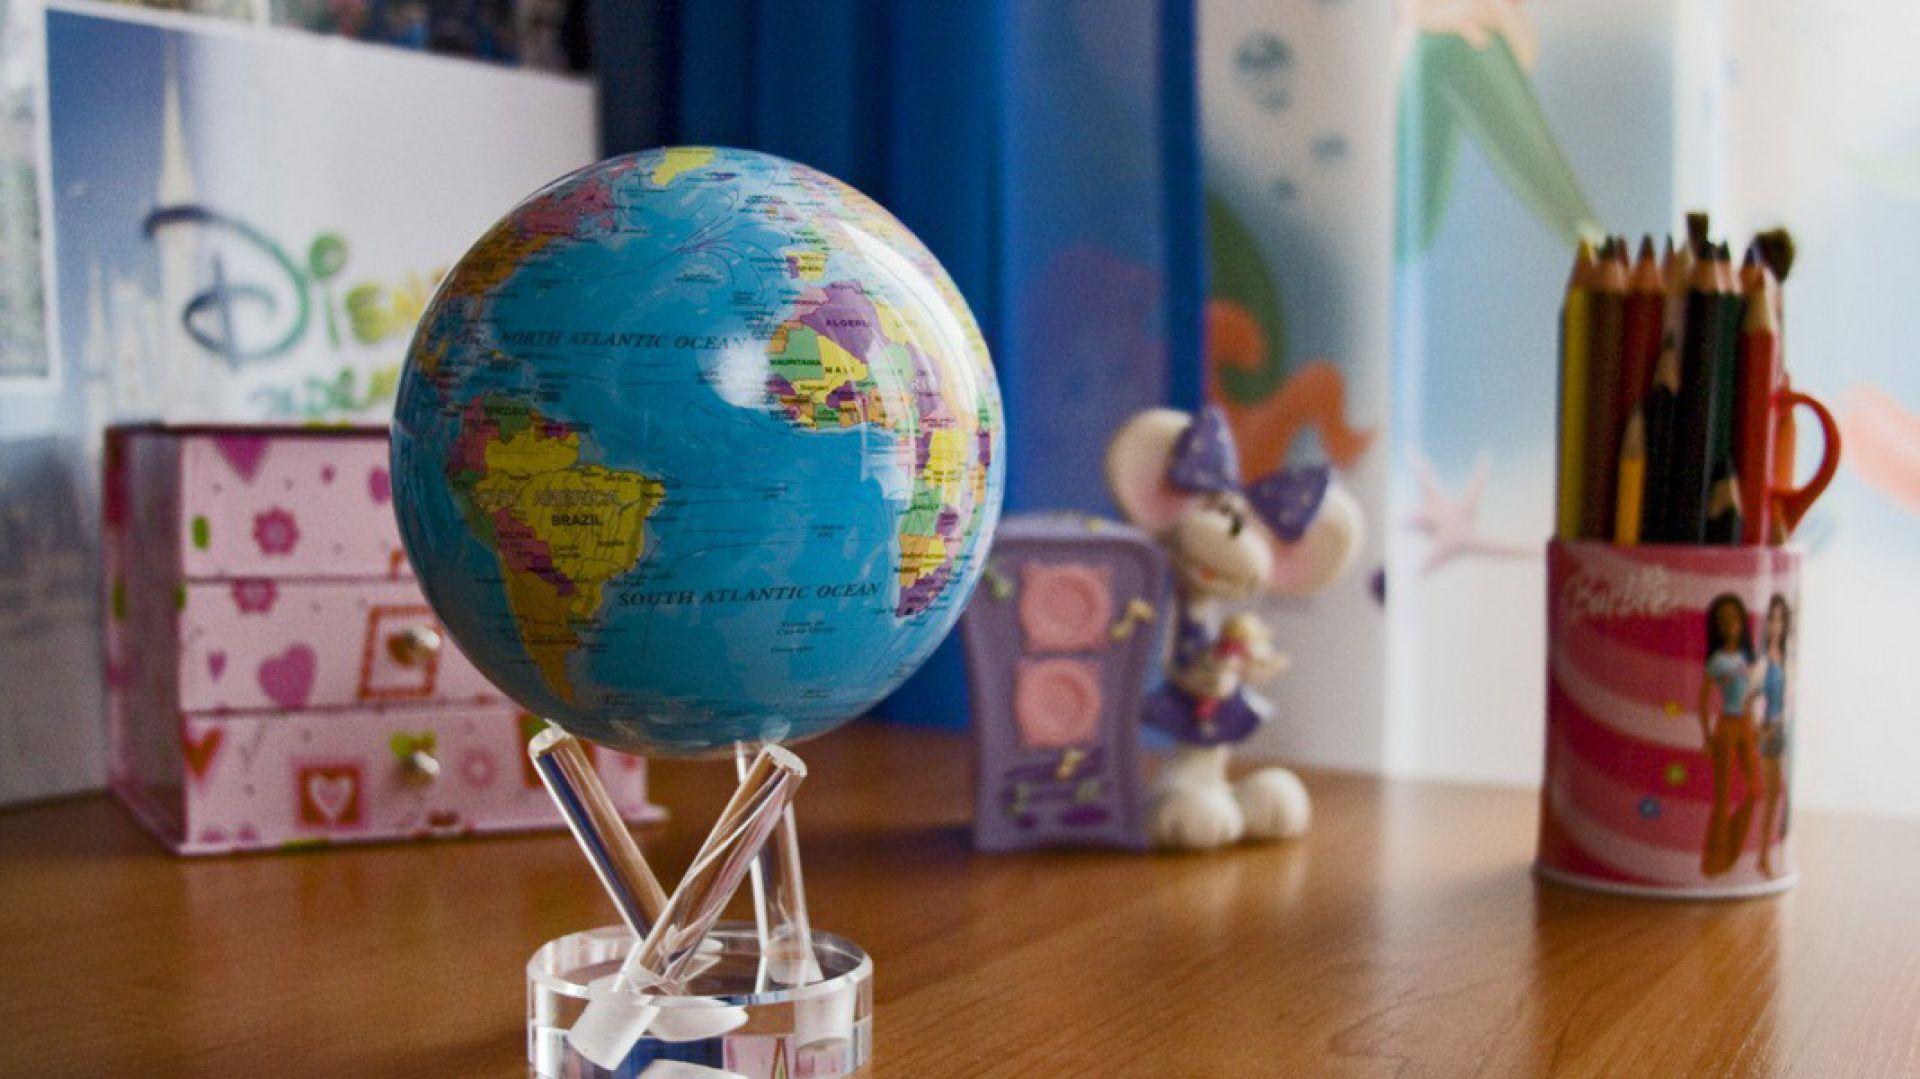 Globus MOVA w  czytelny sposób przedstawia dziecku położenie kontynentów, krajów i oceanów. Zostaje wprawiony w płynny ruch za sprawą energii pozyskanej ze światła dziennego lub lampki na biurku. Fot. globusy.eu.